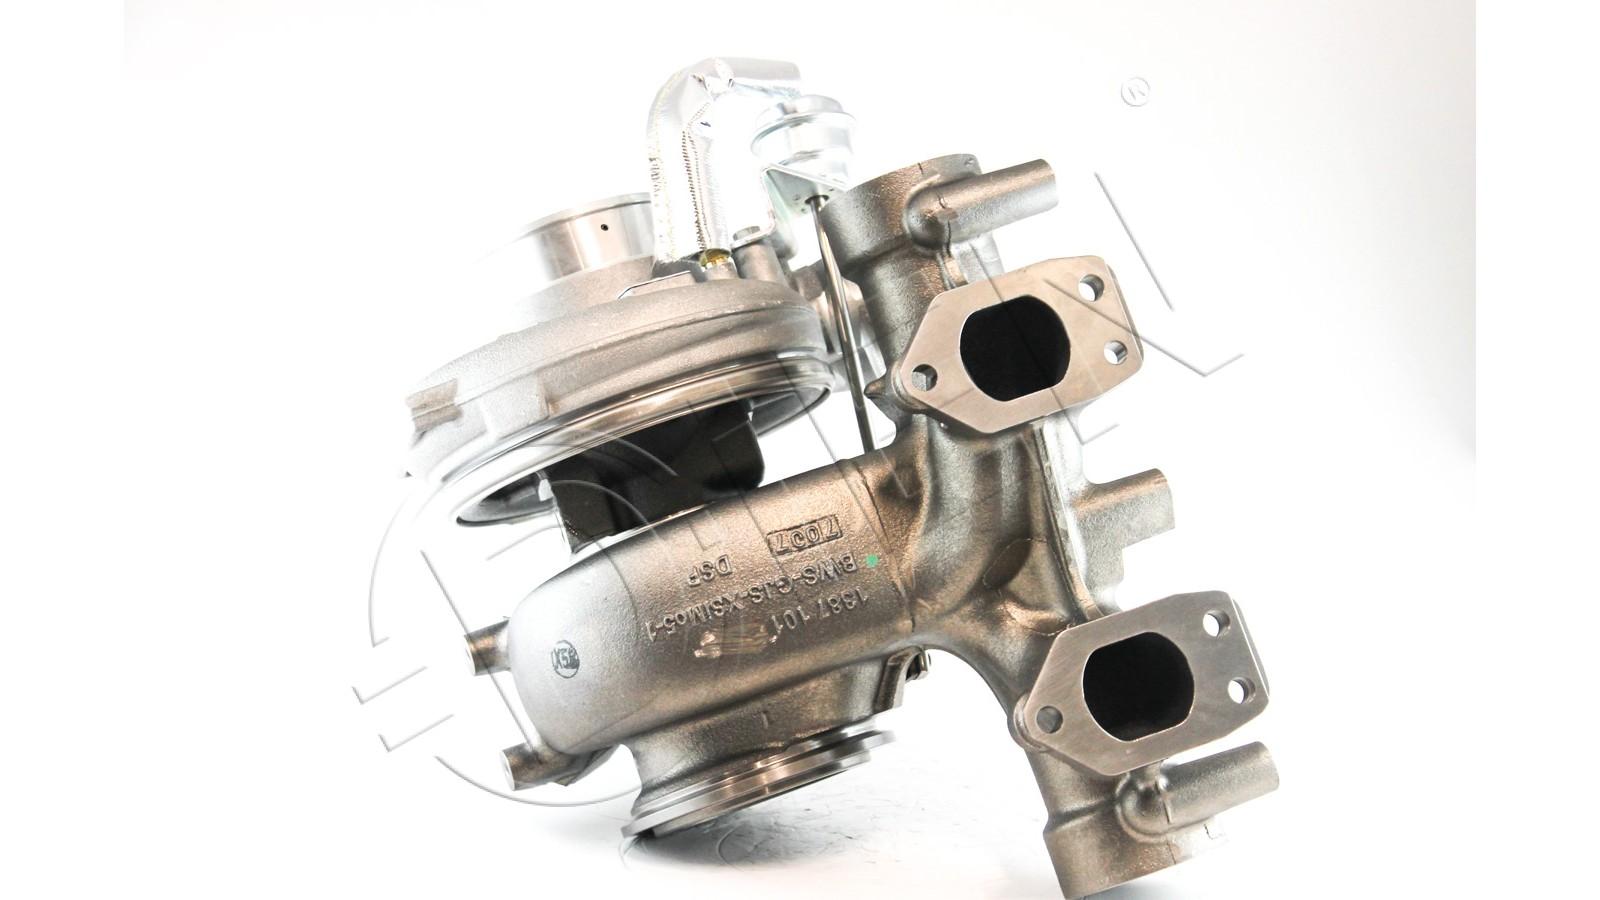 Turbocompressore rigenerato per TEMSA SAFARI SAFARI 12 HD, SAFARI 13 HD 408Cv